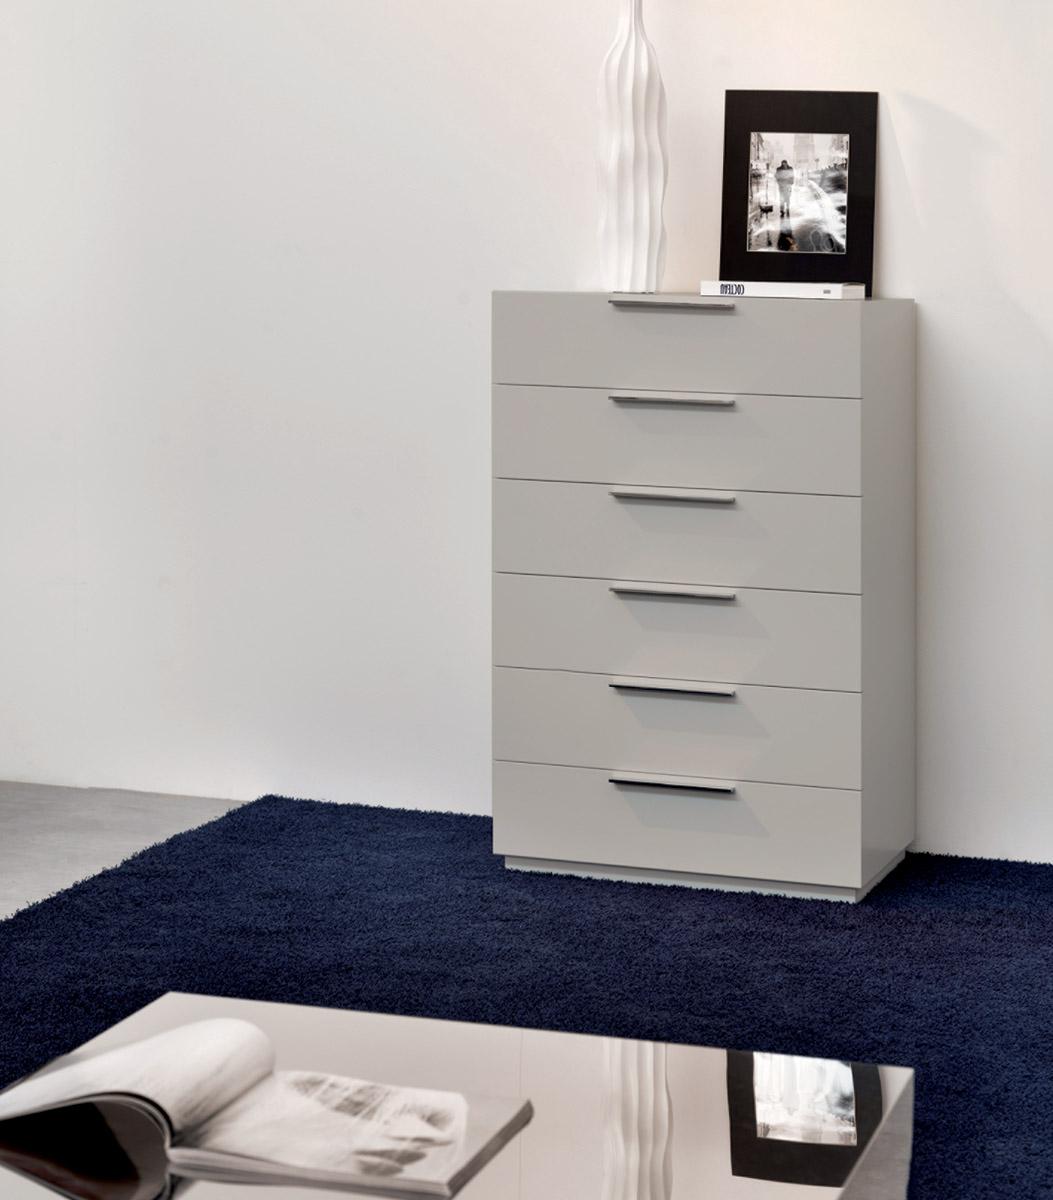 Cubo poro aperto o opaco liscio falegnameria 1946 letti armadi e complementi camera da letto - Complementi camera da letto ...